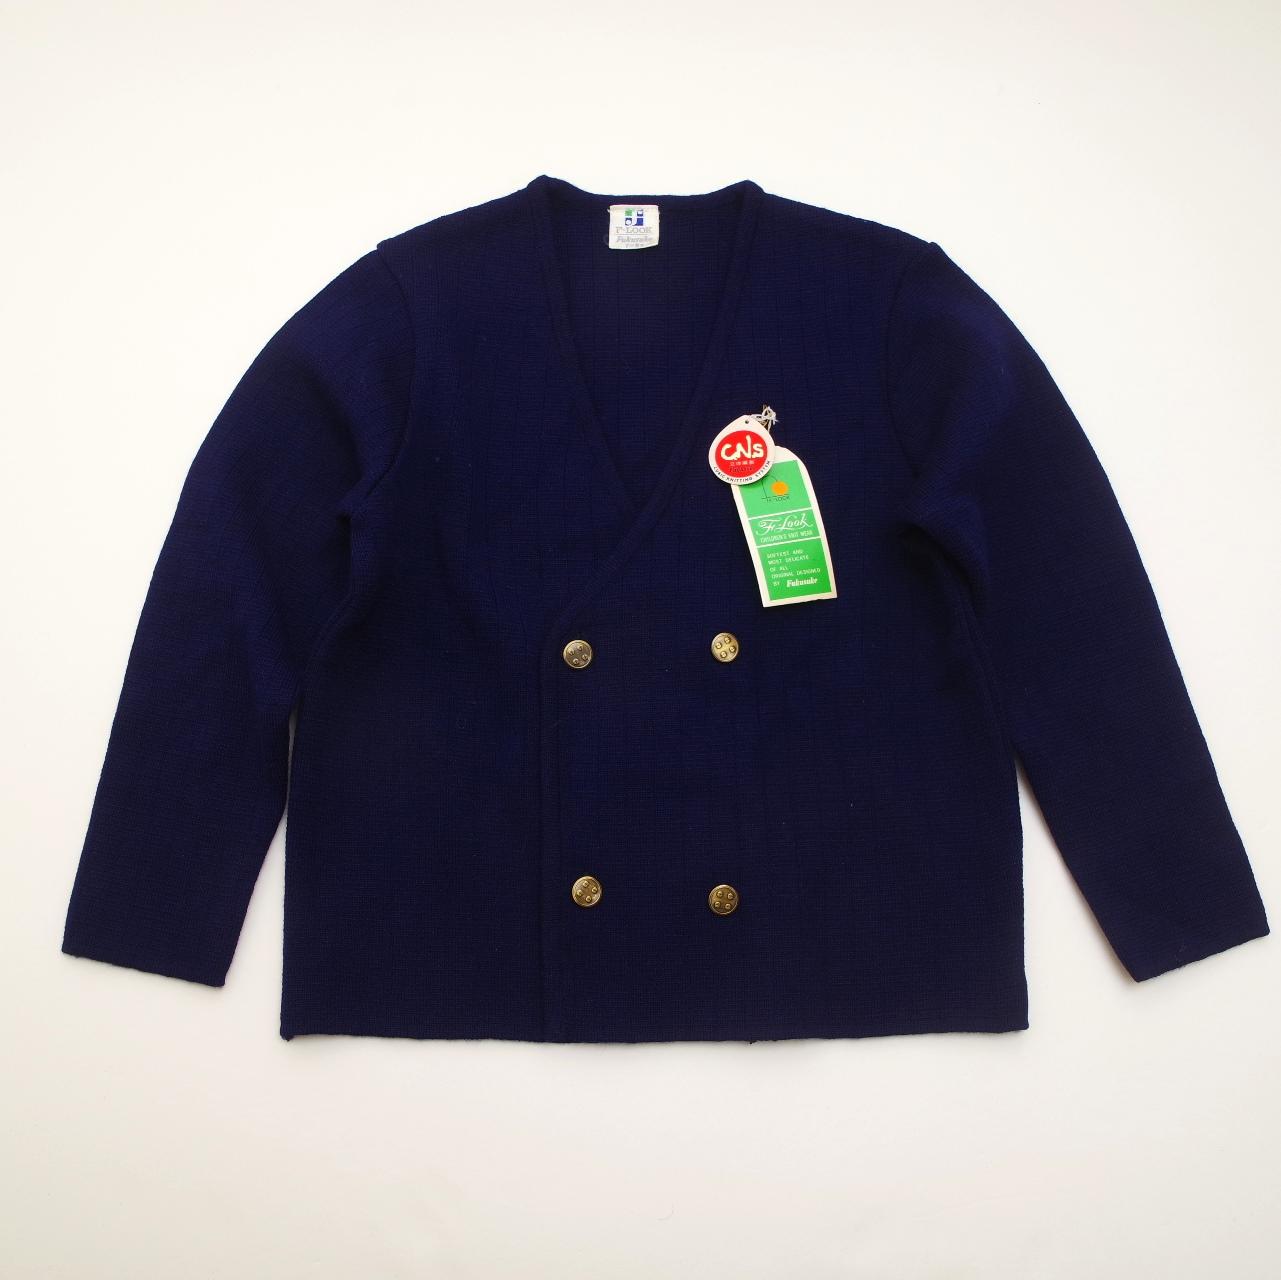 レトロ fukusukeのニットジャケット ネイビー 7-8才 (1805-0905)